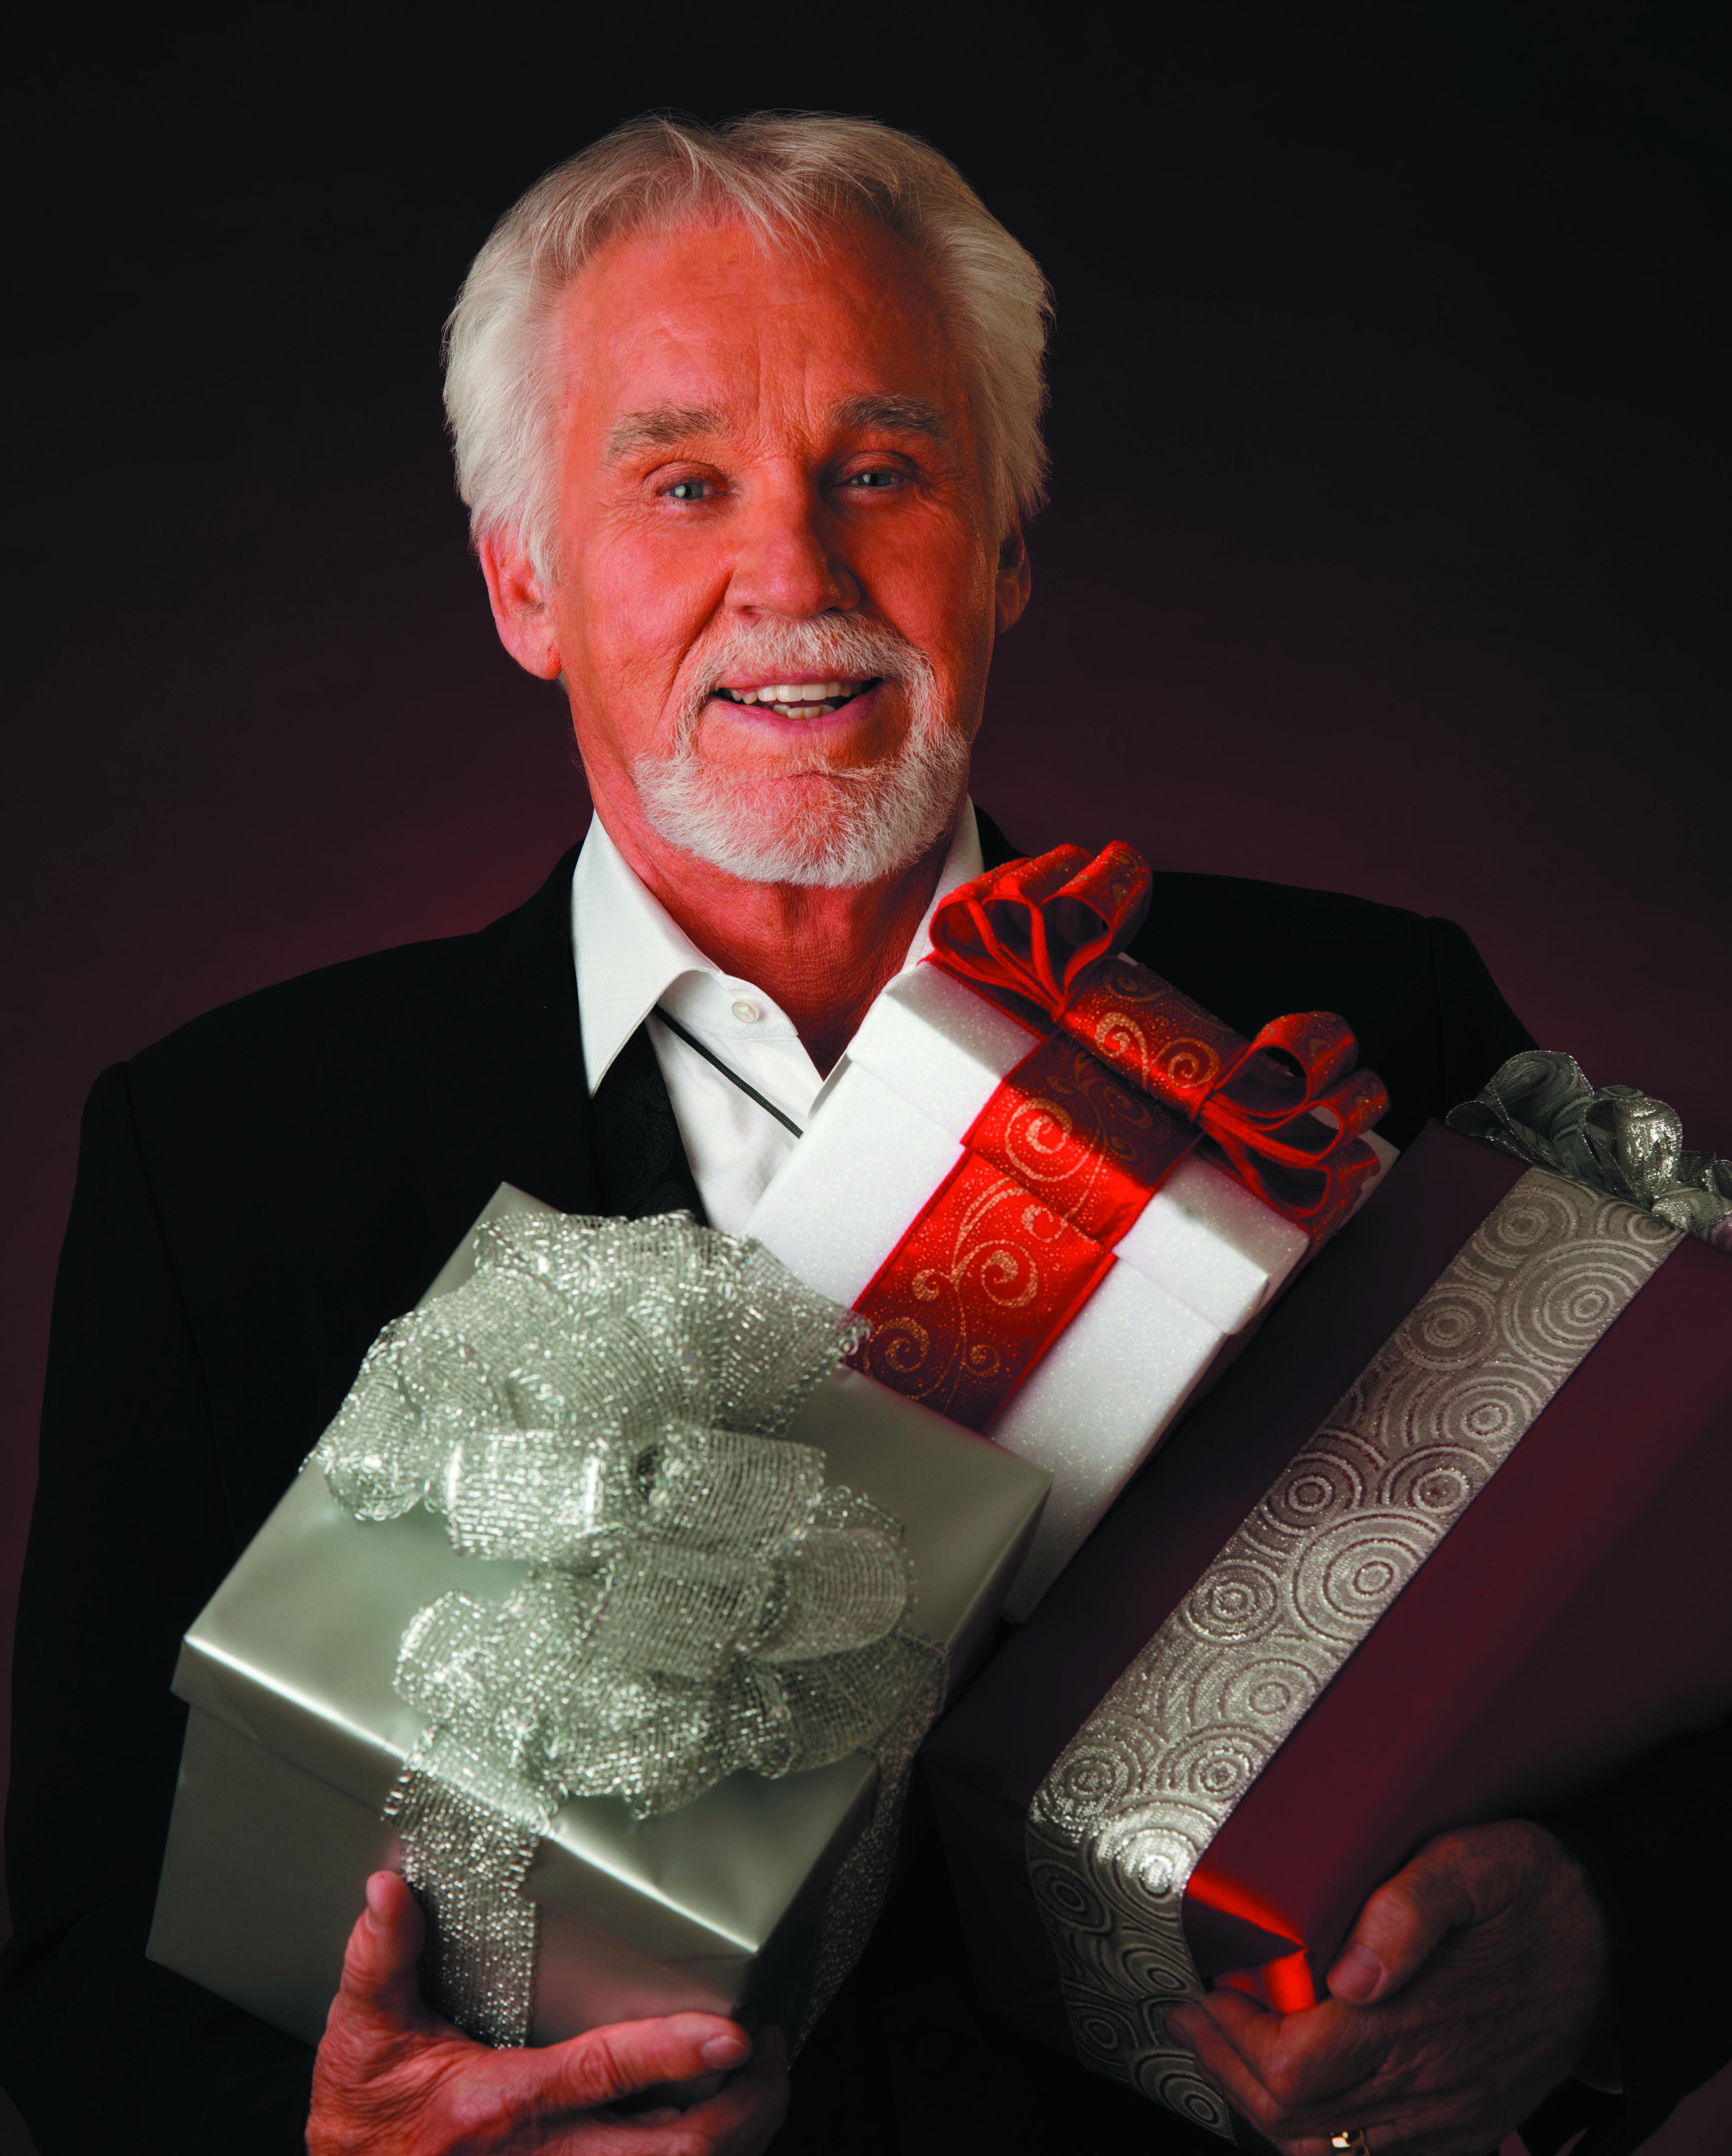 Kenny Rogers embarks on farewell Christmas tour - Washington Times